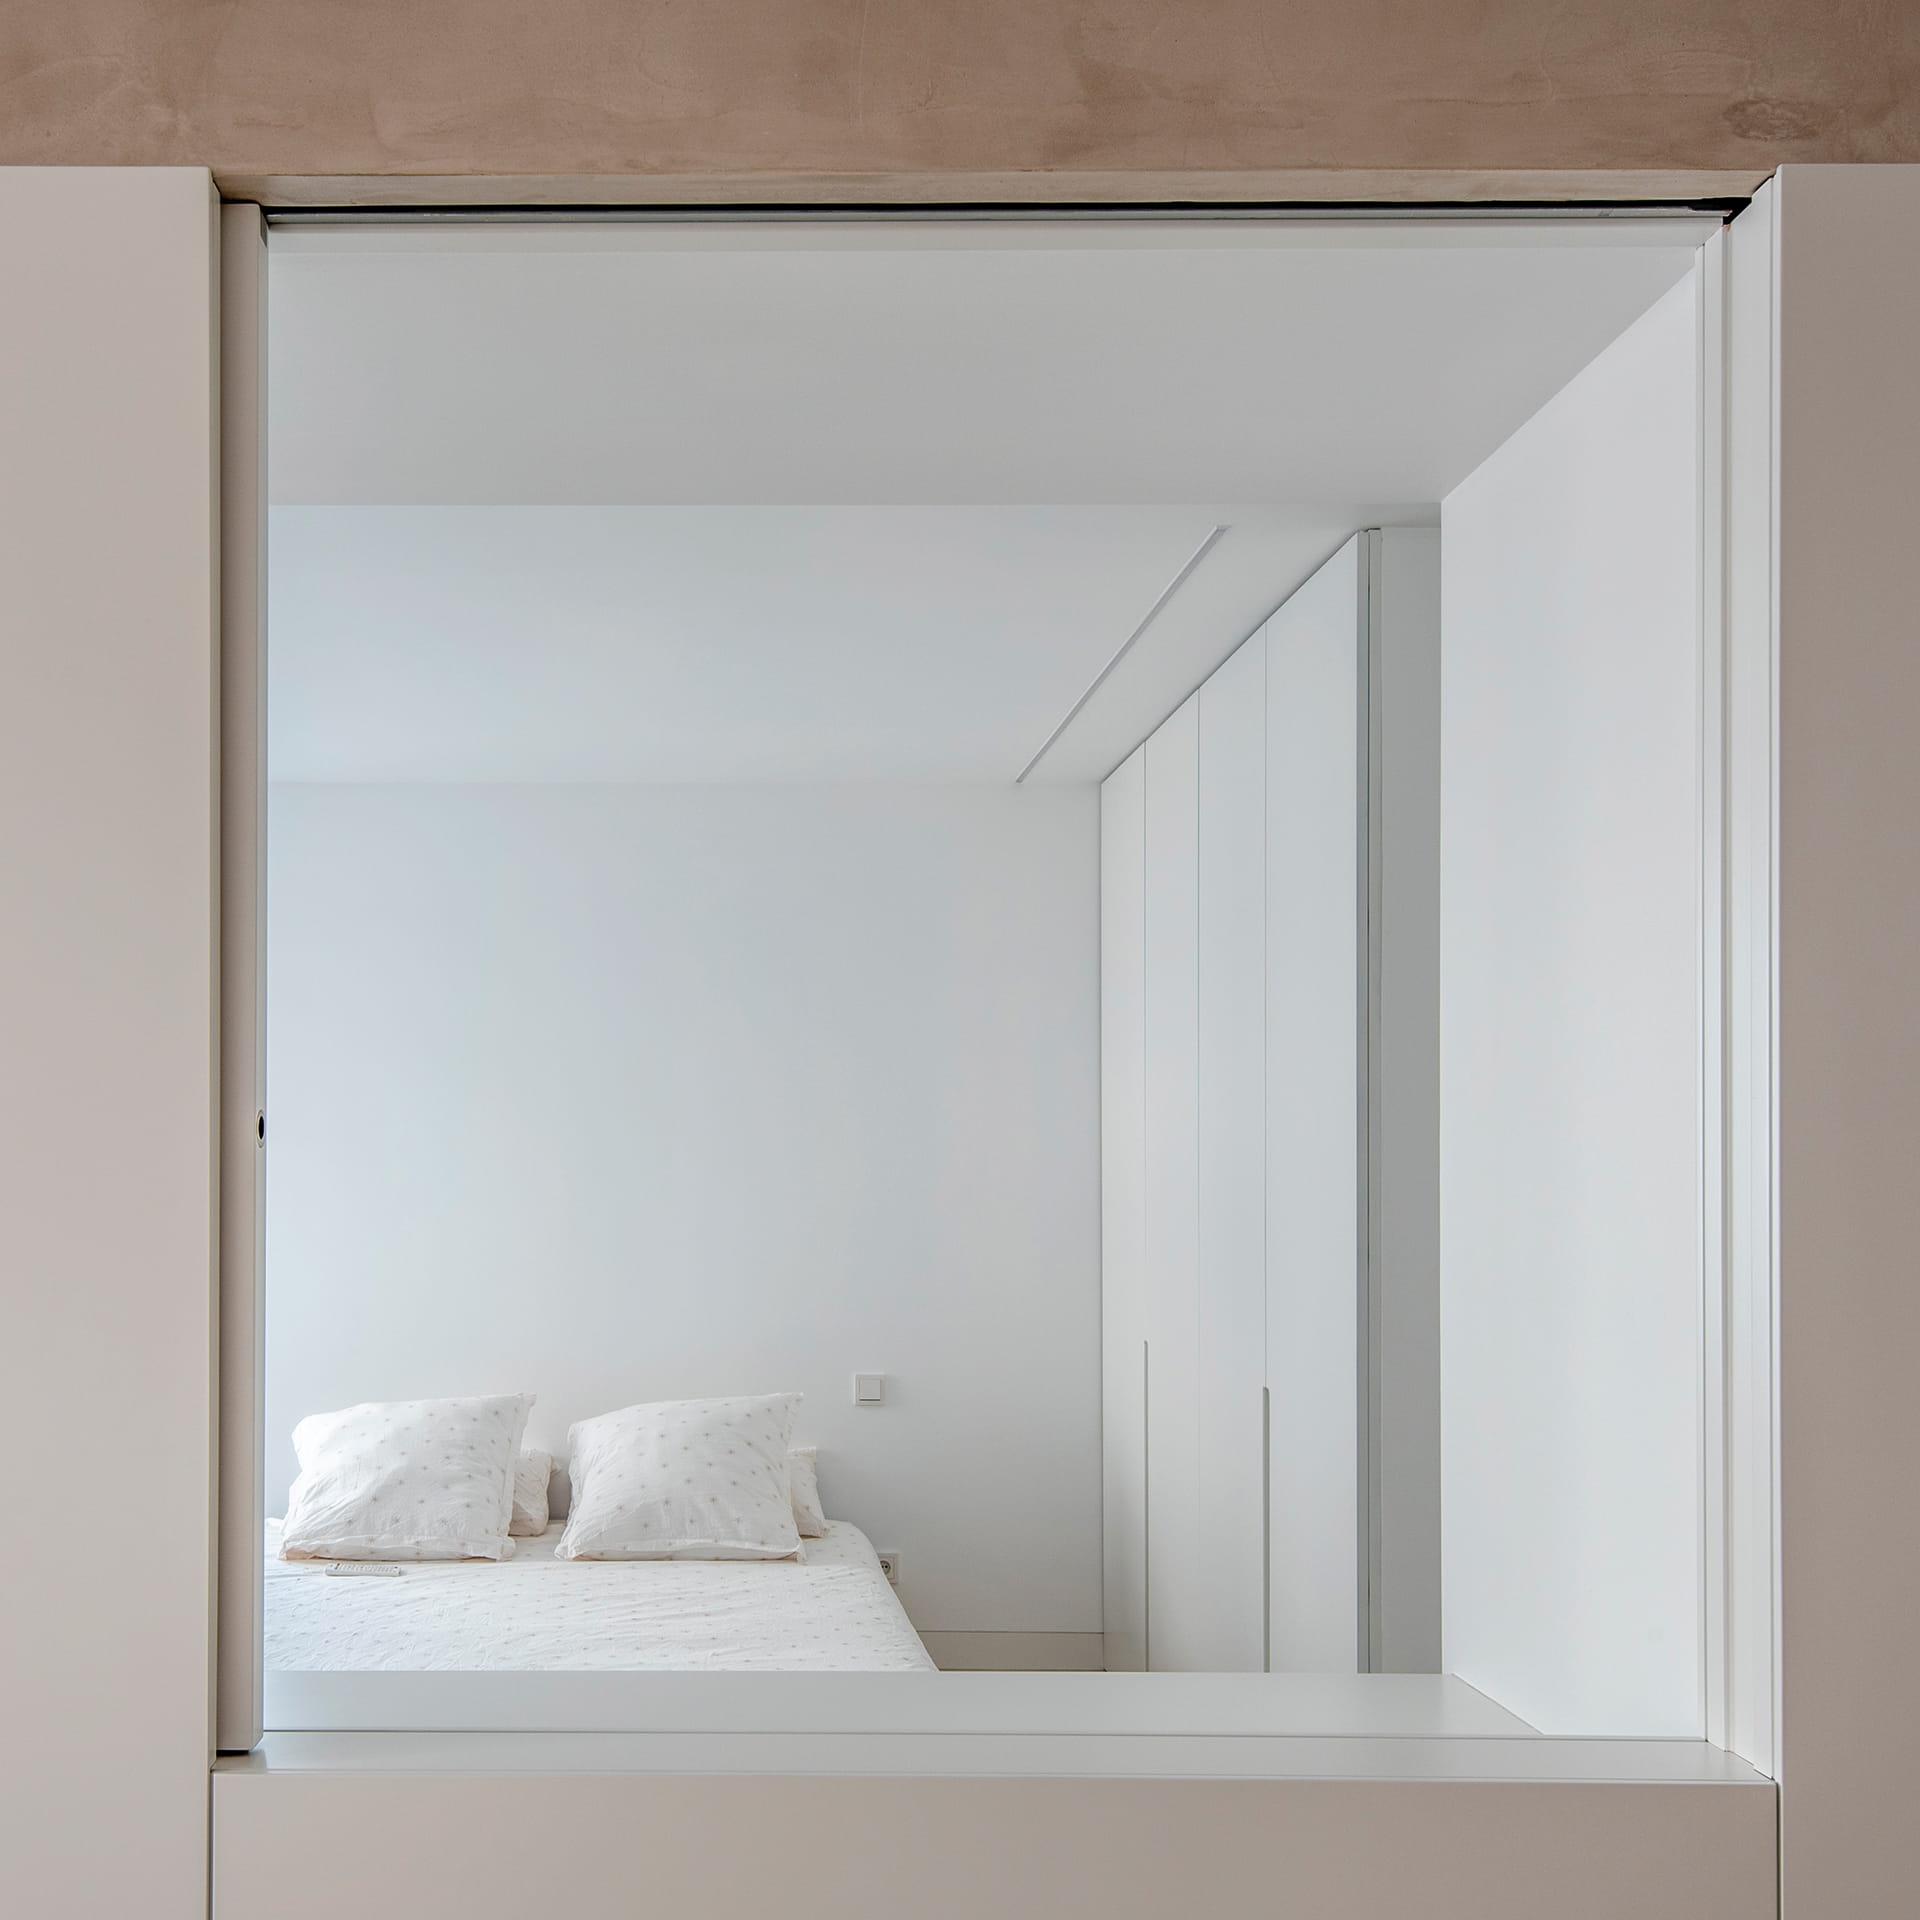 Dormitorio con cama y muebles blancos